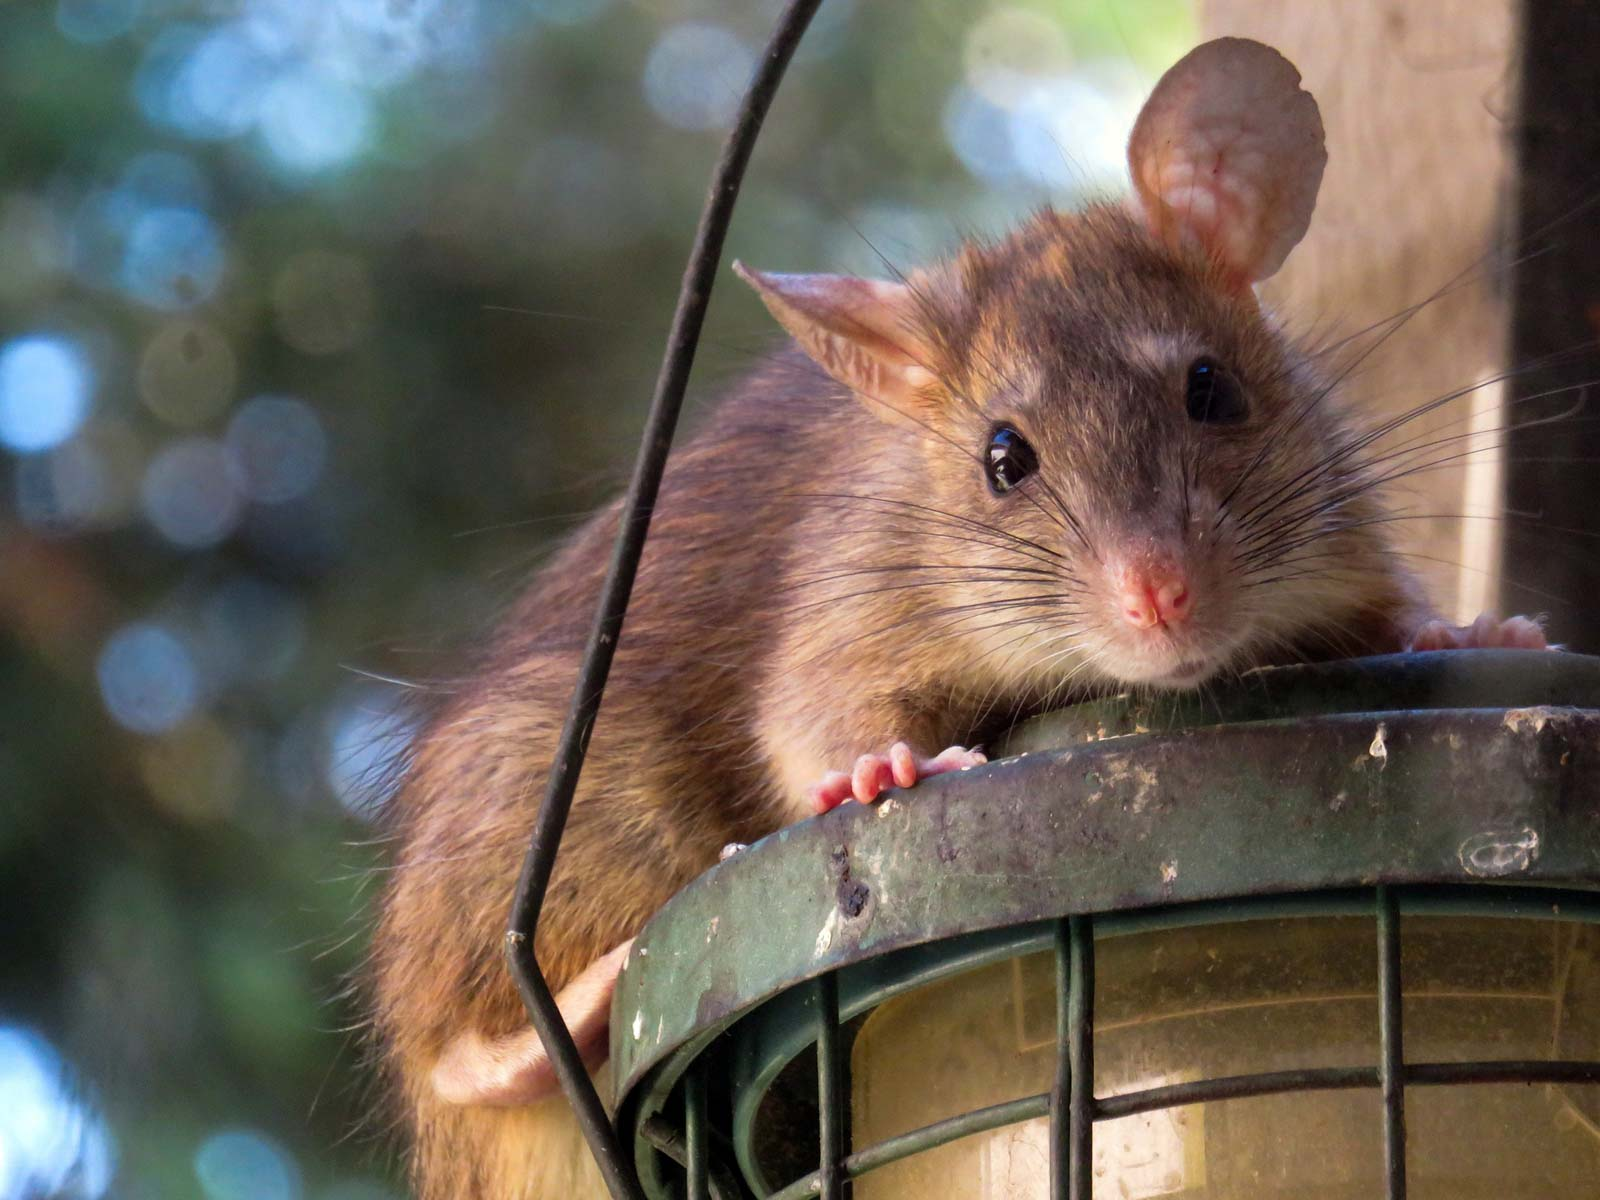 Le rat est un nuisible qui adore manger les graines des poules